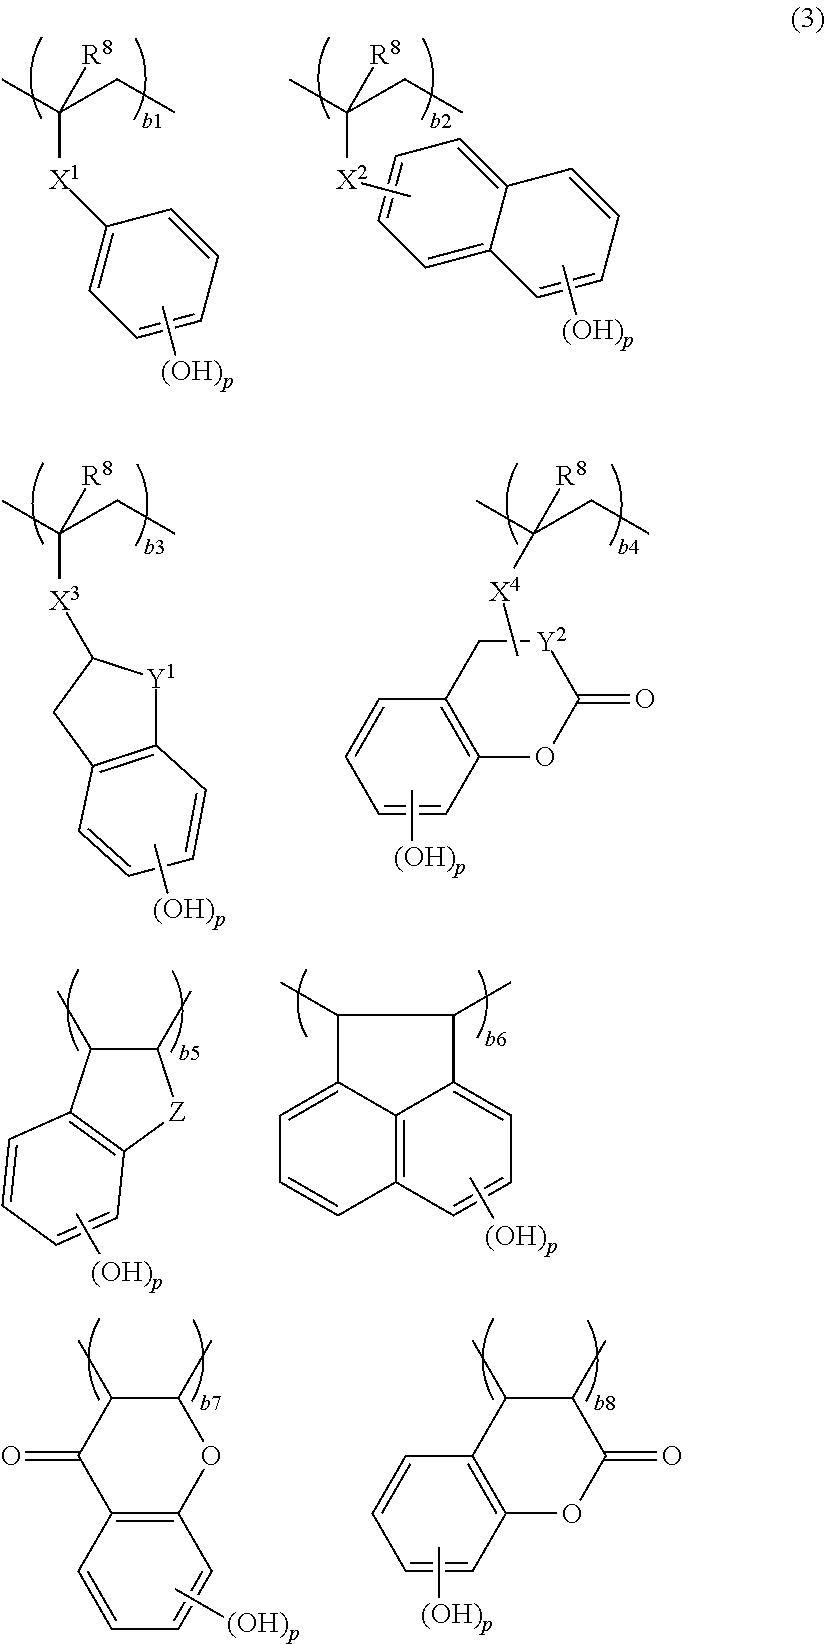 Figure US20110294070A1-20111201-C00032